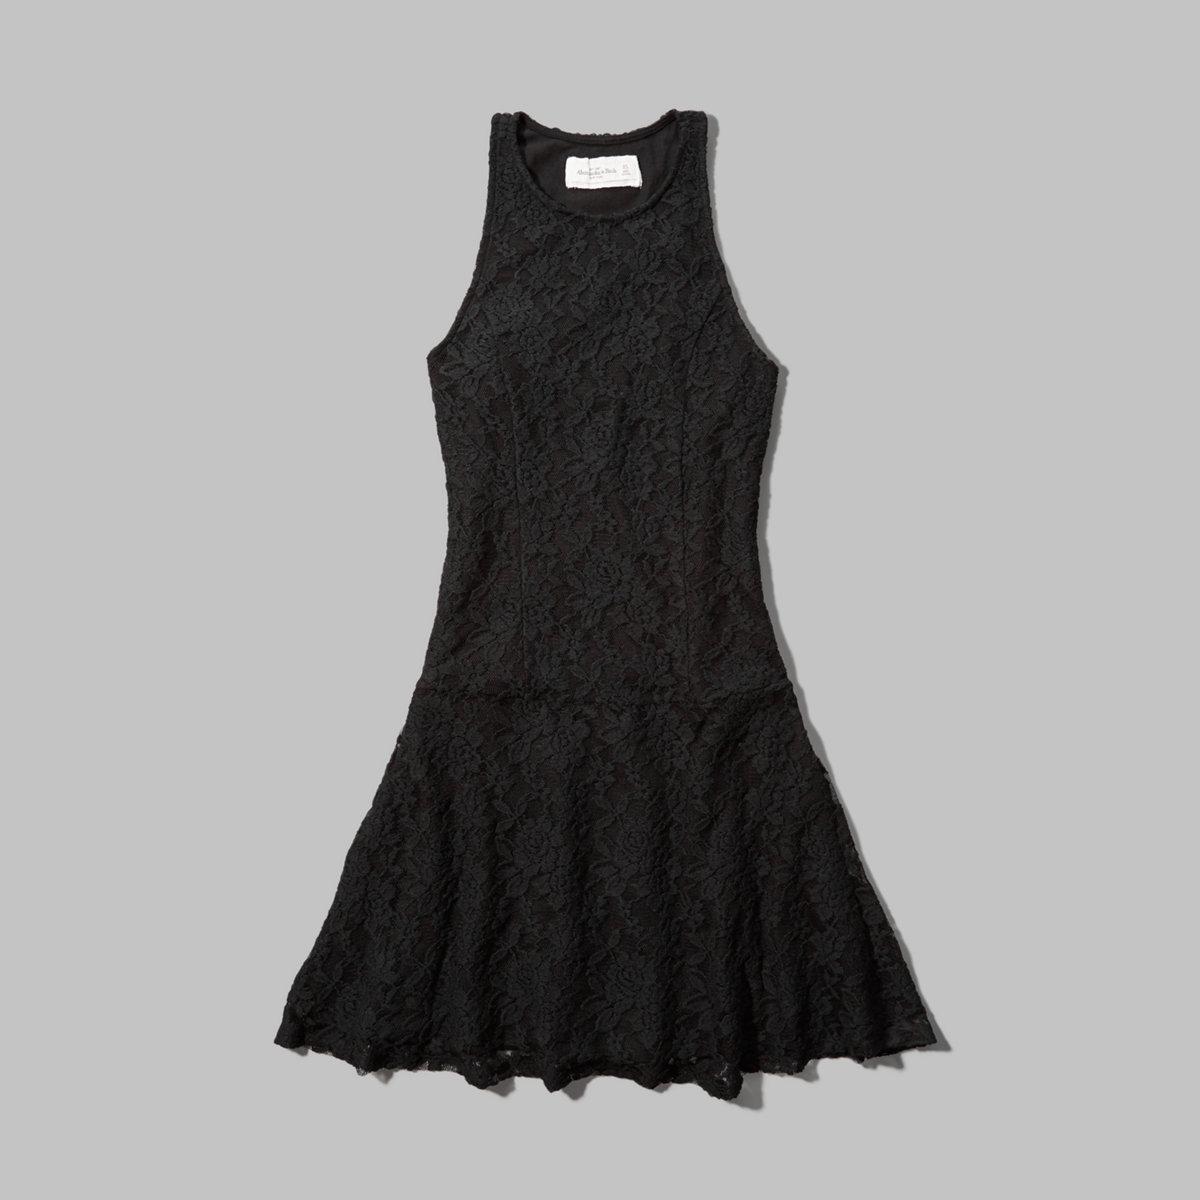 Shannon Lace Dress